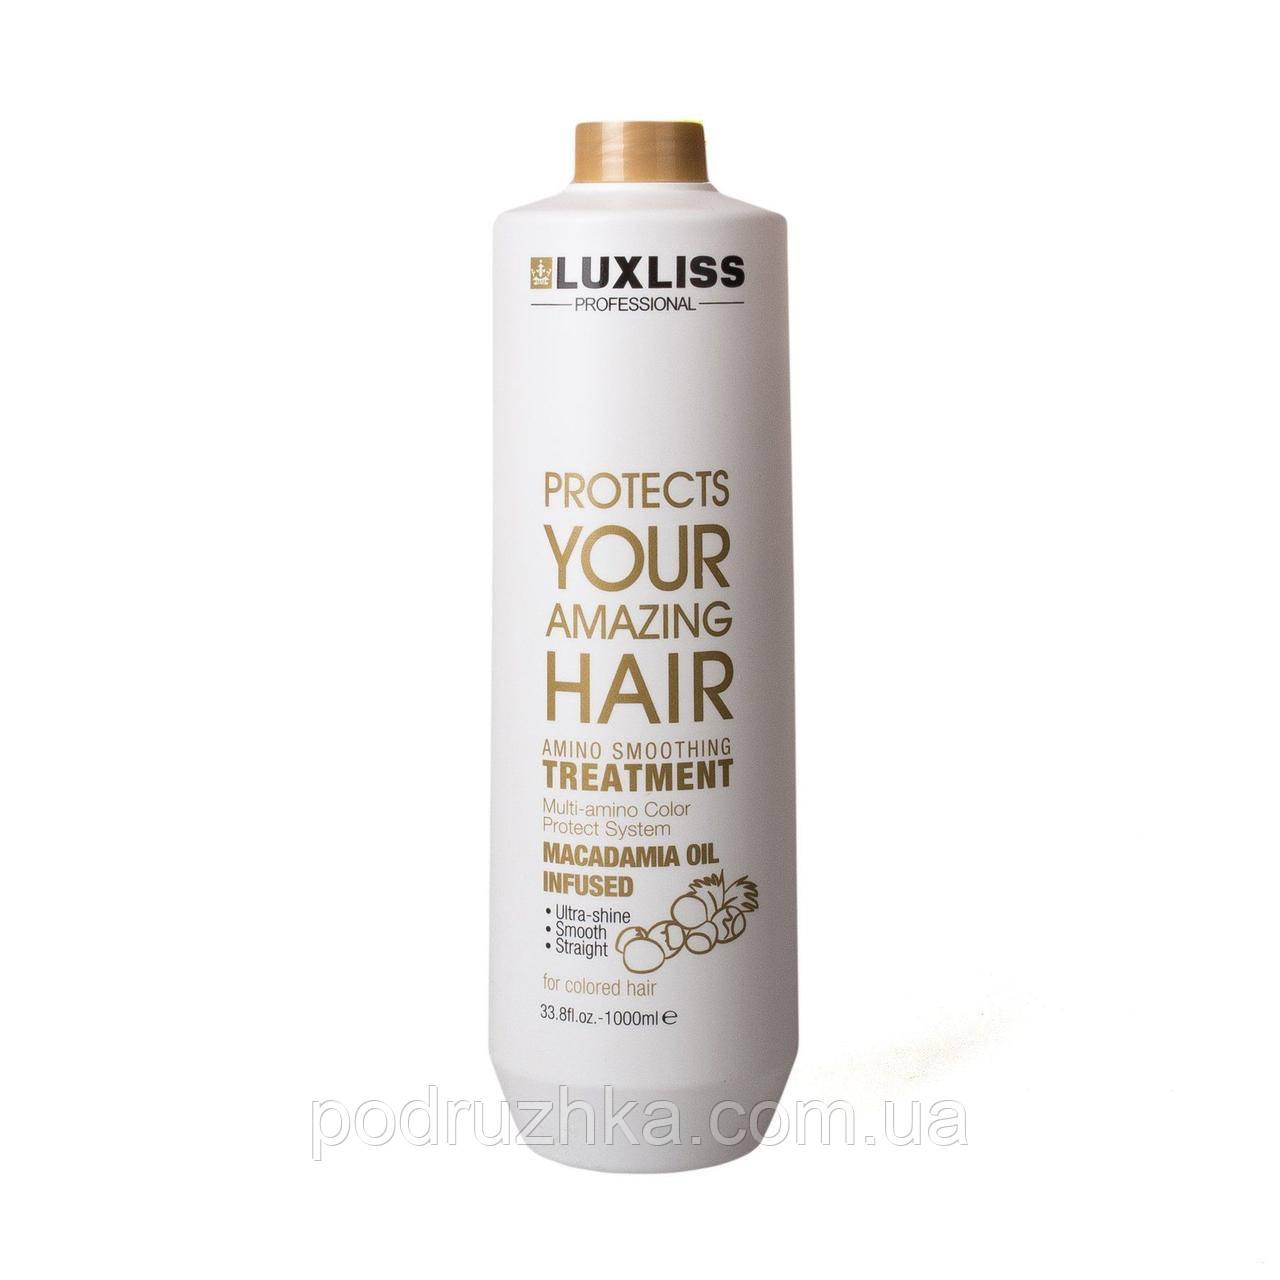 Luxliss Amino Smoothing Treatment Кератин для выпрямления волос, 1000 мл